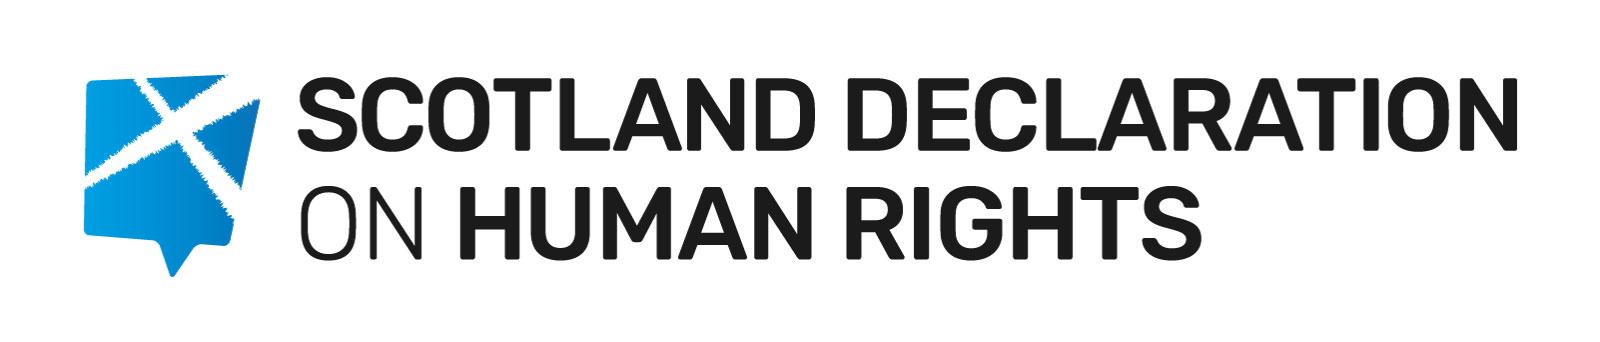 SDHR-logo-RGB-WIDE